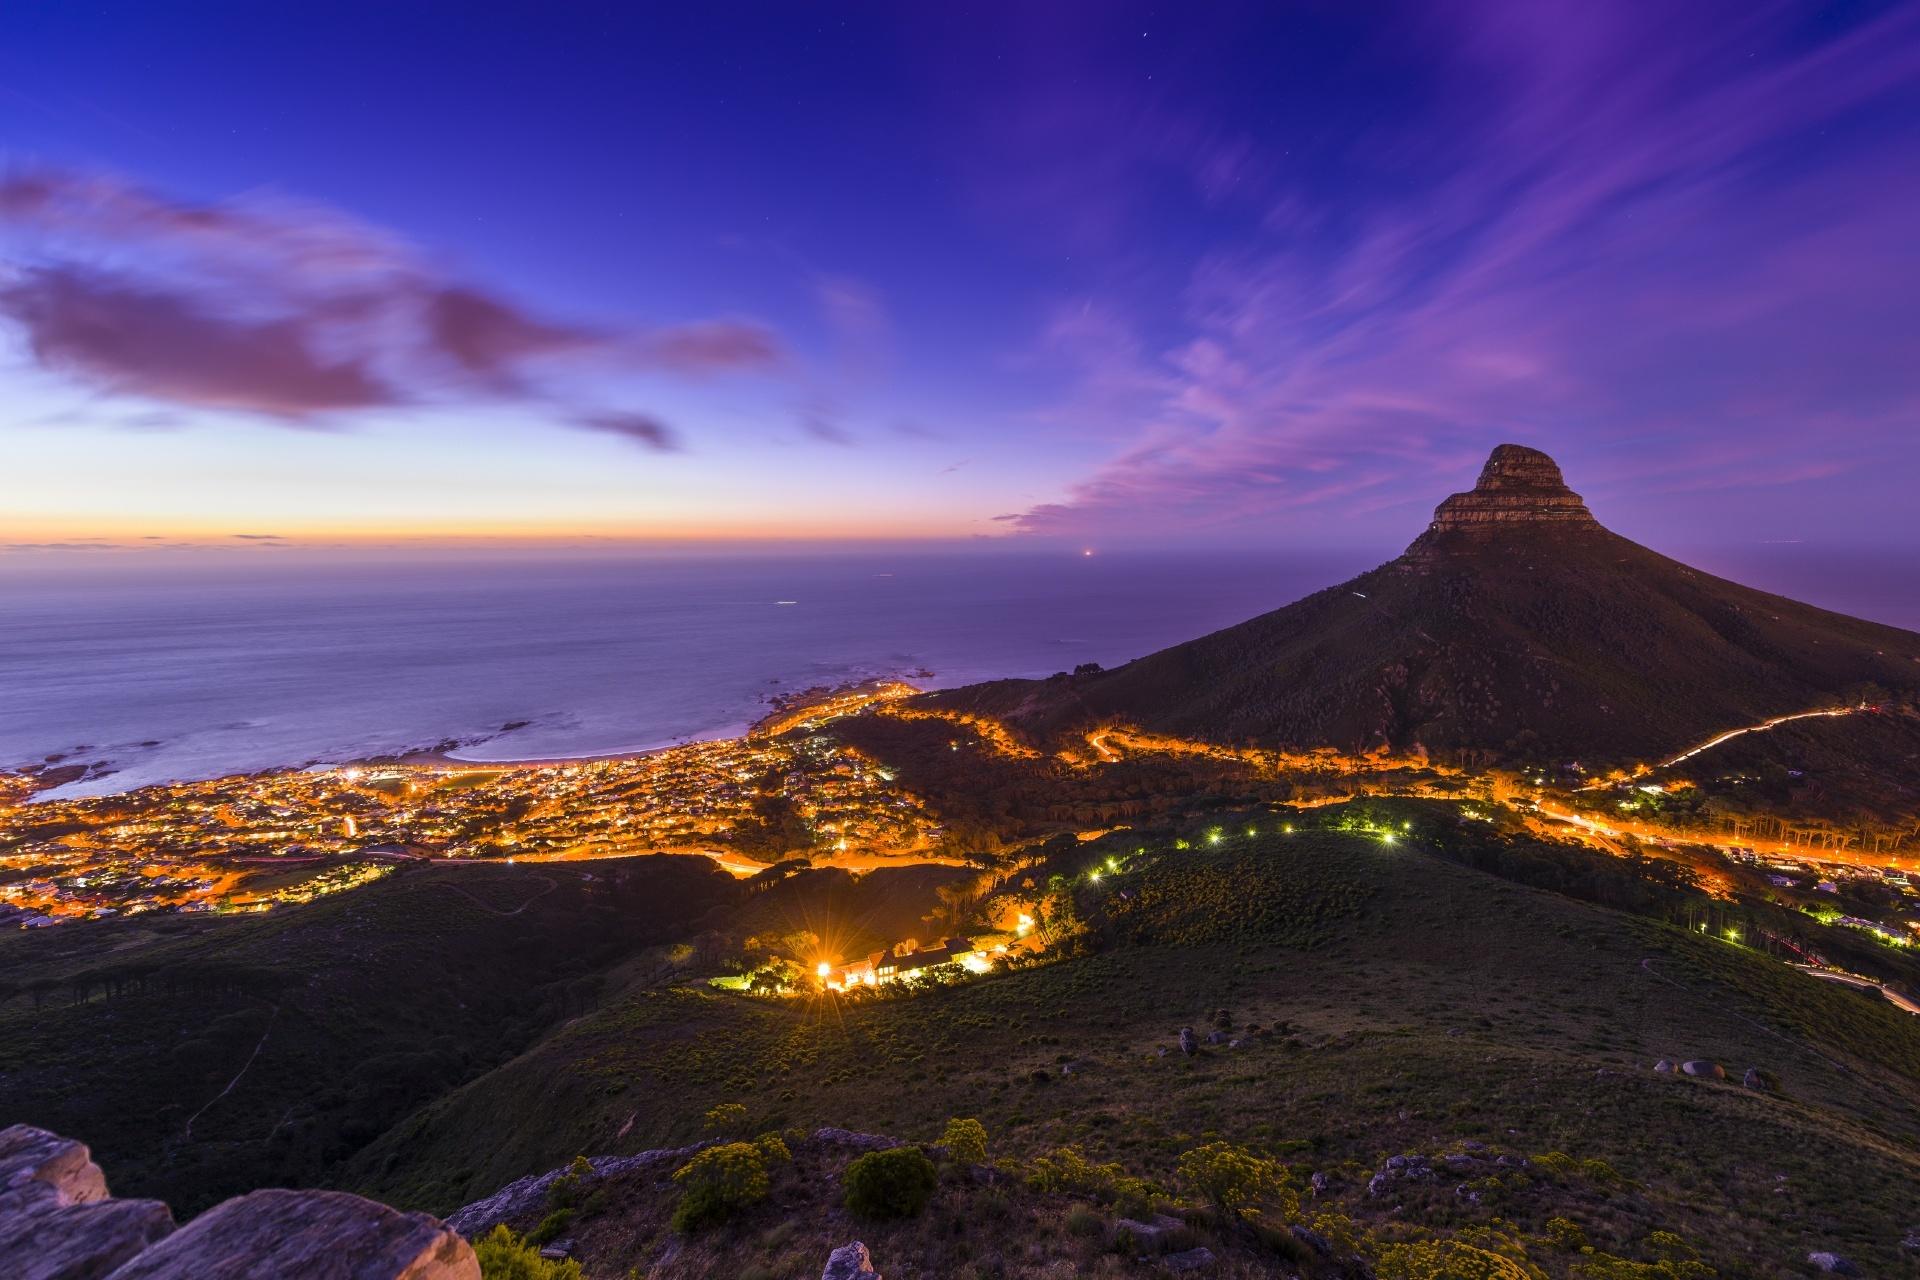 ケープタウンの風景 南アフリカの風景